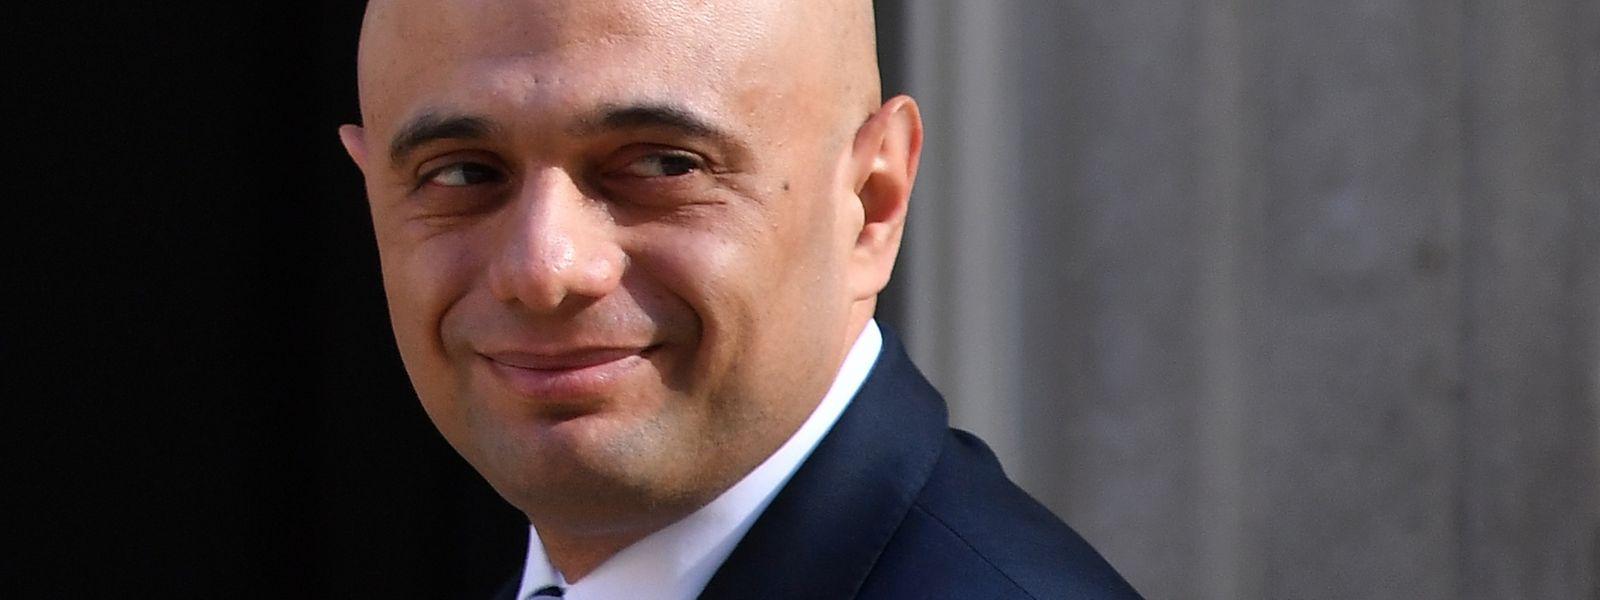 Sajid Javid könnte den Brexit-Kurs der Regierung entscheidend beeinflussen.